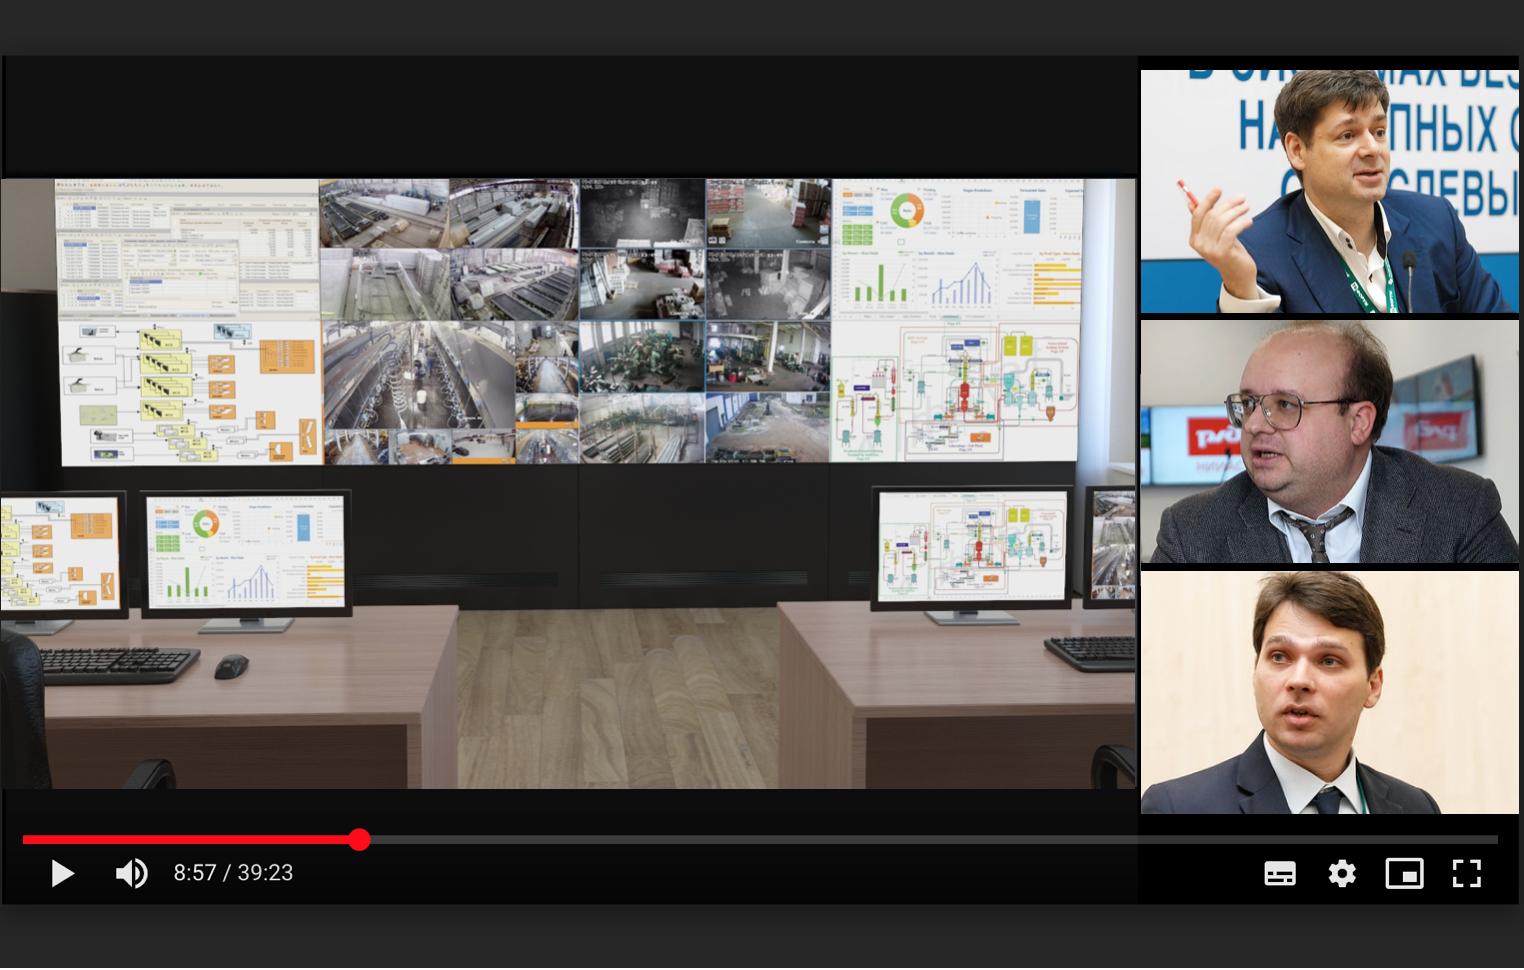 Мониторинг и управление инцидентами: ситуационные и диспетчерские центры